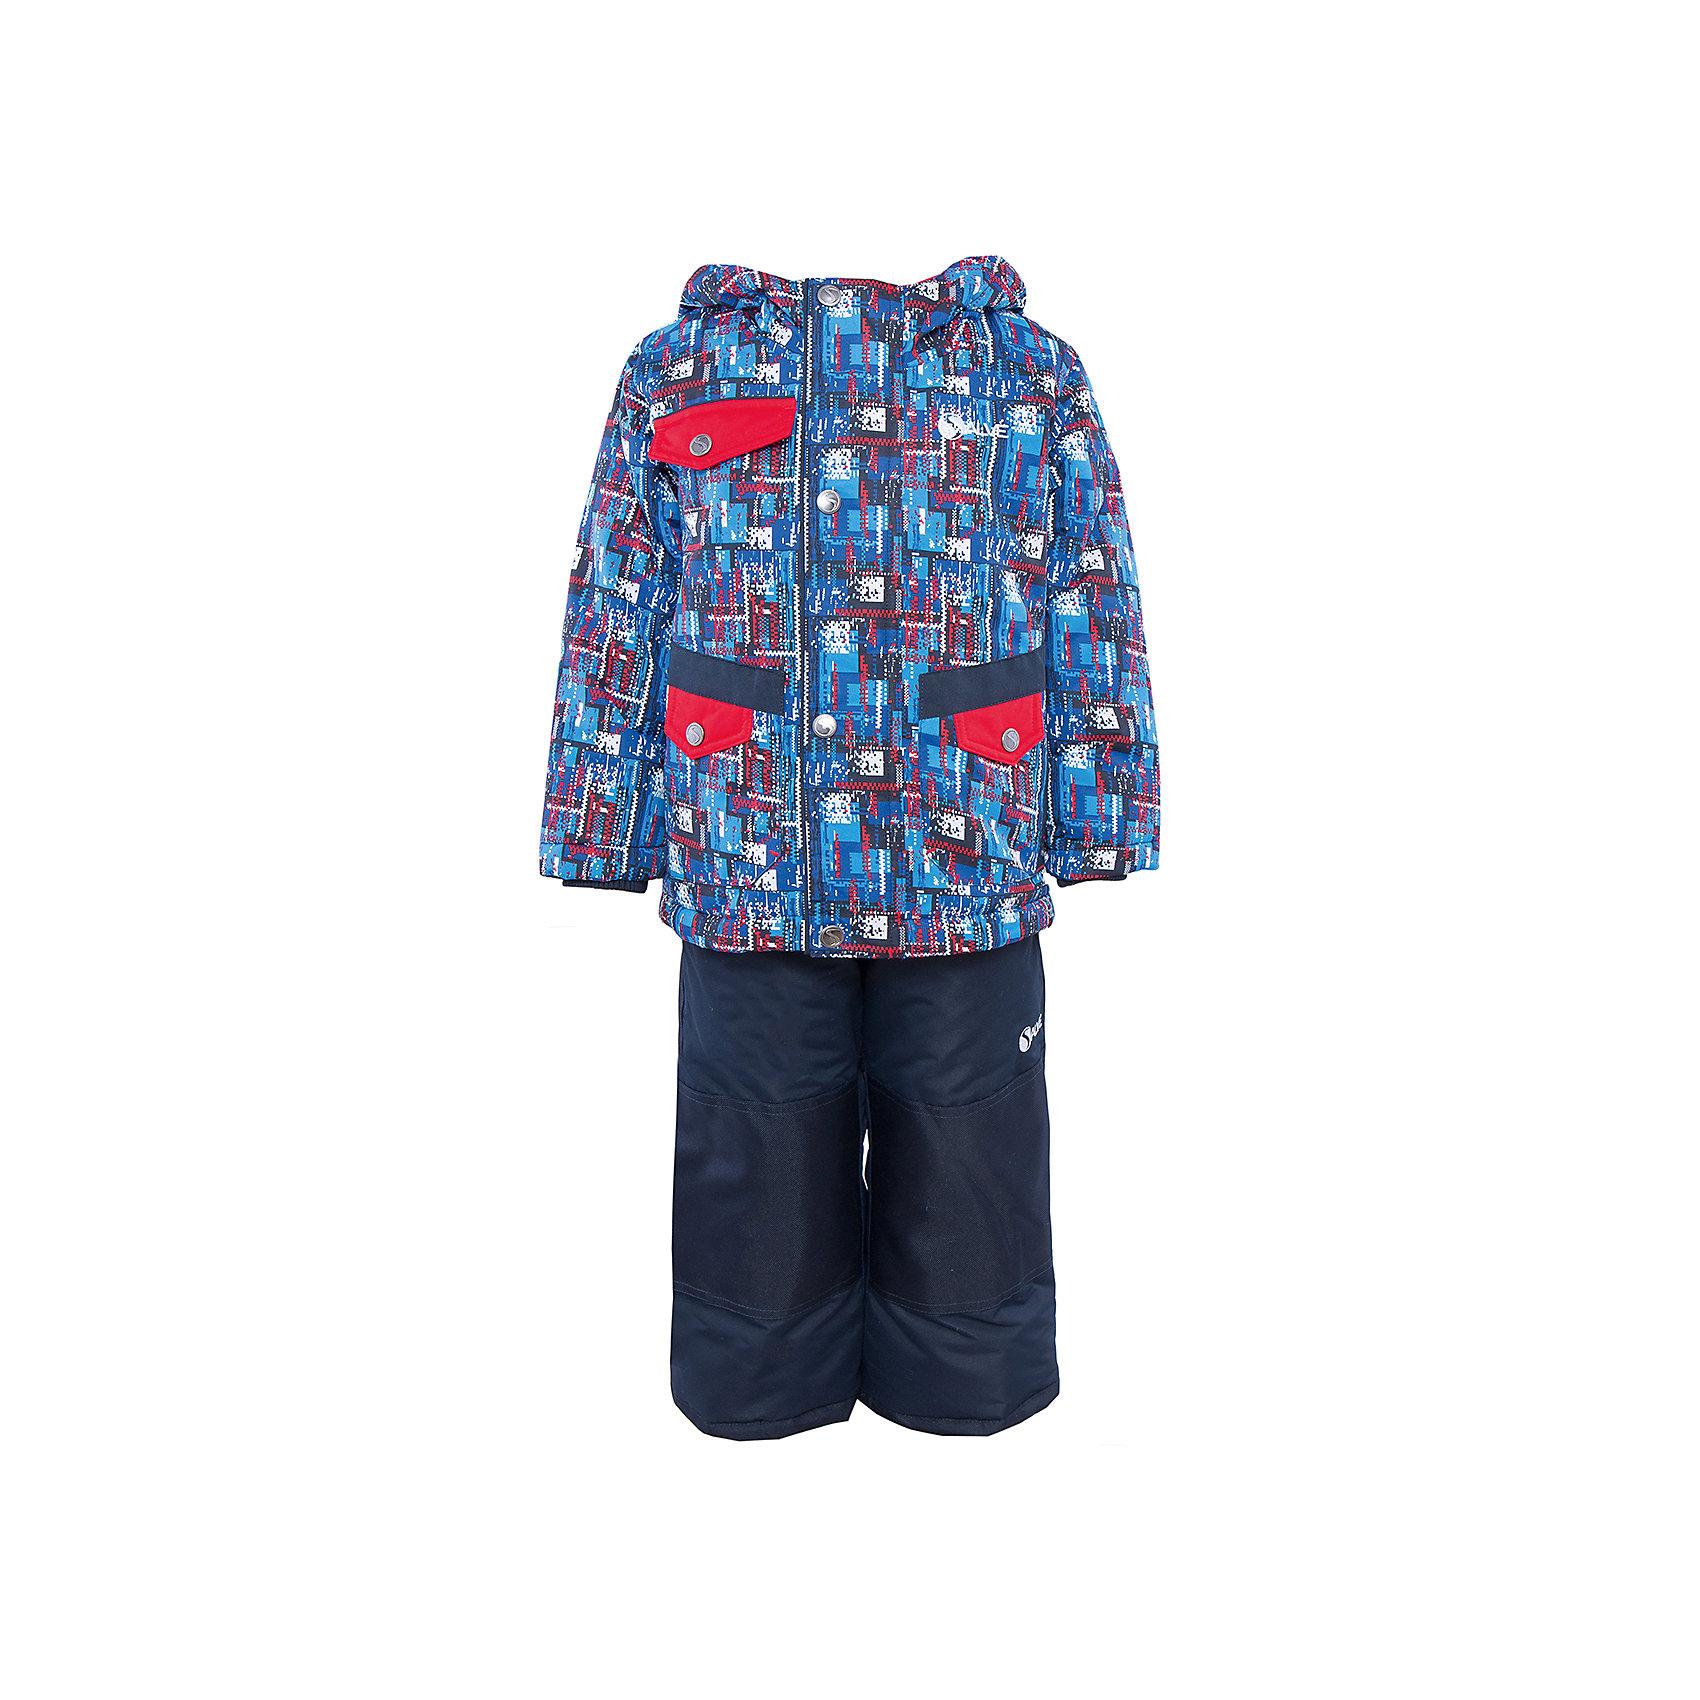 Комплект: куртка и полукомбинезон для мальчика SalveВерхняя одежда<br>Характеристики:<br><br>• Сезон: зима<br>• Степень утепления: высокая (куртка – 330 гр/м.кв.; полукомбинезон – 200 гр/м.кв.)<br>• Температурный режим*: от 0 до -30 градусов<br>• Пол: для мальчика<br>• Цвет: синий, красный<br>• Материал: полиэстер 100%<br>• Комплектация: куртка, полукомбинезон<br>• Наличие снегозащитной юбки<br>• Тип застежки: молния, кнопки<br>• Манжеты на куртке: эластичные, трикотажные<br>• Капюшон: не отстегивается<br>• Регулируемые лямки у полукомбинезона<br>• Карманы: 2 боковых и 1 на груди у куртки <br>• Уход: допускается стирка без чистящих и отбеливающих средств<br><br>Бренд Salve разработан и произведён канадской компанией Gusti International специально для российского рынка.<br><br>Комплект: куртка и полукомбинезон для мальчика Salve предназначен для прогулок в самое холодное время года. Изделие обеспечено высокой степенью утепления. Верхняя часть комплекта выполнена из полиэстера, который обладает ветрозащитными и влагонепропускаемыми свойствами. Подклад на куртке выполнен из флиса. Для обеспечения поддержания микроклимата имеются эластичные трикотажных манжеты на рукавах куртки и резинки на брюках. Изделие выполнено из прочной ткани, имеется усиление на коленях, по низу полукомбинезона и сзади. Крой комплекта выполнен с учетом повышенной подвижности ребенка во время зимних прогулок: расширенные брючины не сковывают движений. <br>Комплект: куртка и полукомбинезон для мальчика Salve выполнен в ярком дизайне: сине-красная куртка с графическими элементами и полукомбинезон в классическом темном цвете.<br><br>Комплект: куртку и полукомбинезон для мальчика Salve можно купить в нашем интернет-магазине.<br><br>Ширина мм: 356<br>Глубина мм: 10<br>Высота мм: 245<br>Вес г: 519<br>Цвет: синий<br>Возраст от месяцев: 18<br>Возраст до месяцев: 24<br>Пол: Мужской<br>Возраст: Детский<br>Размер: 92,110,116,122,128,98,104<br>SKU: 5044711